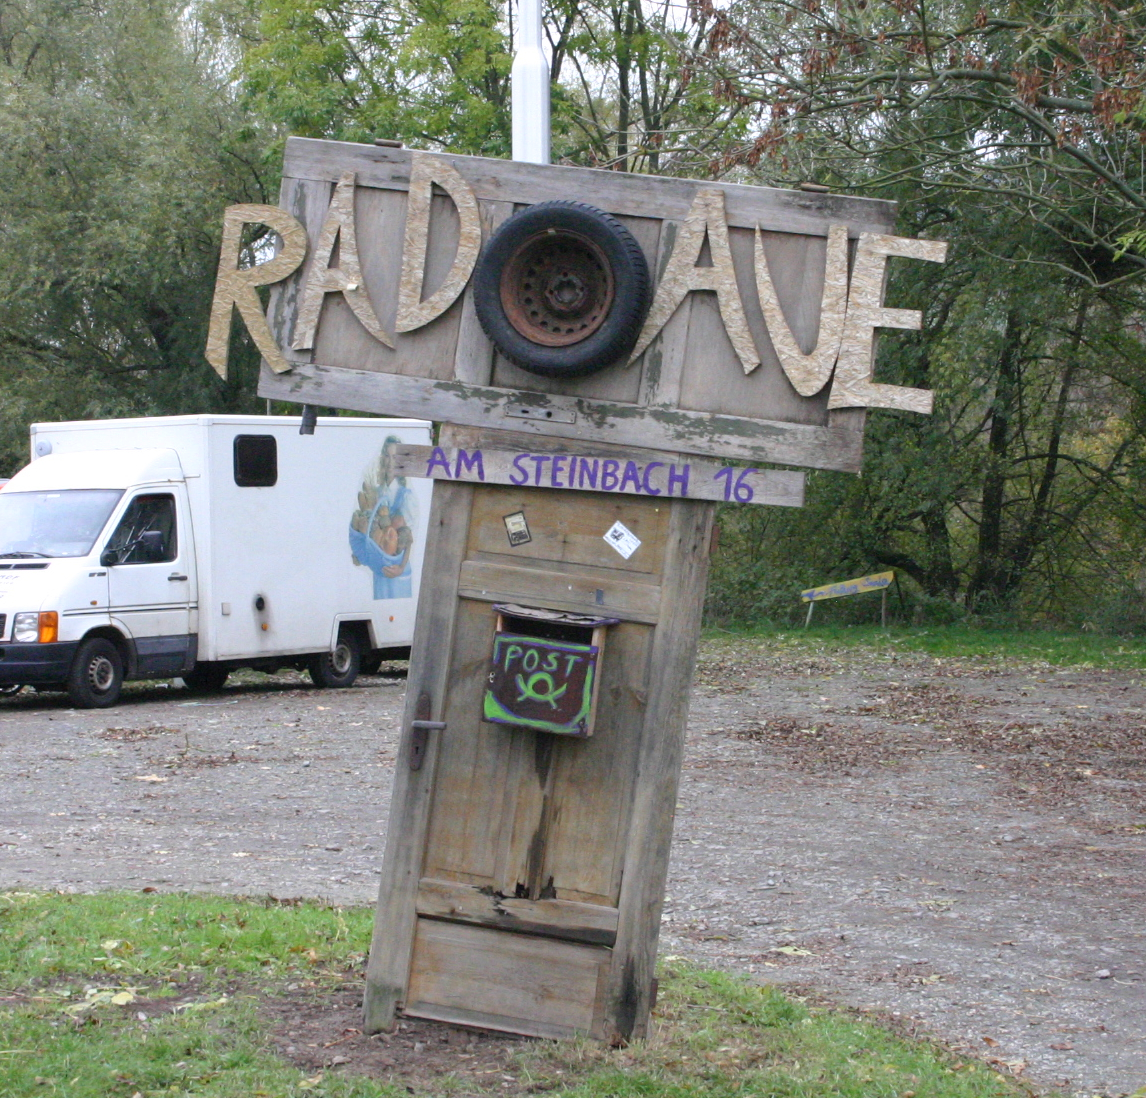 Offener Brief an den Oberbürgermeister Dr. Thomas Nitzsche zur Situation des Wagenplatzes RadAue